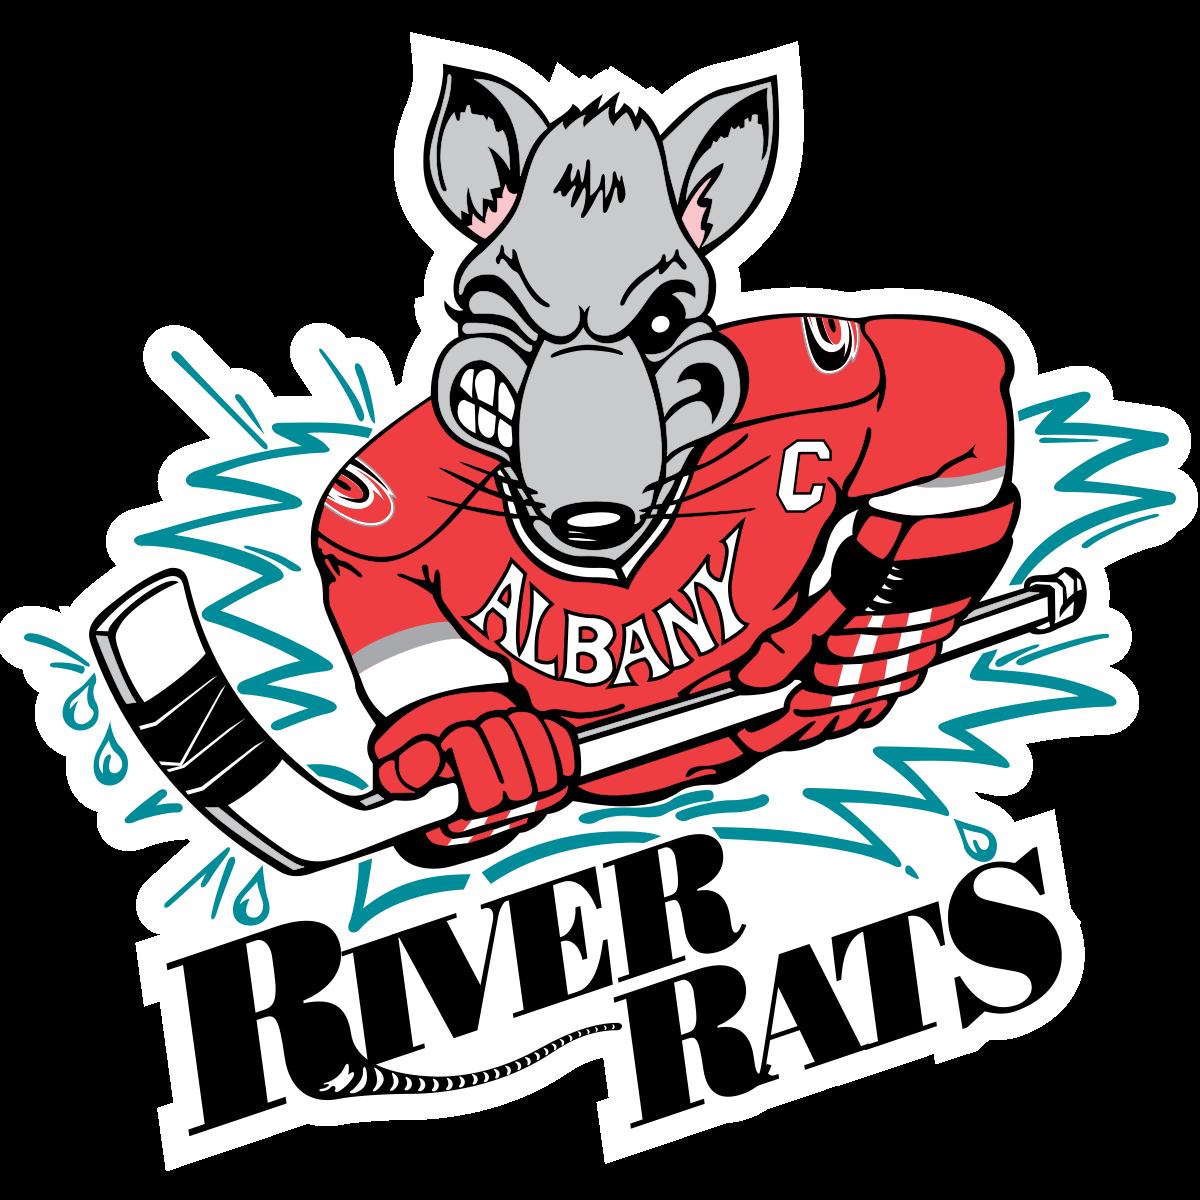 Albany river rats wikipedia. Rat clipart mascot